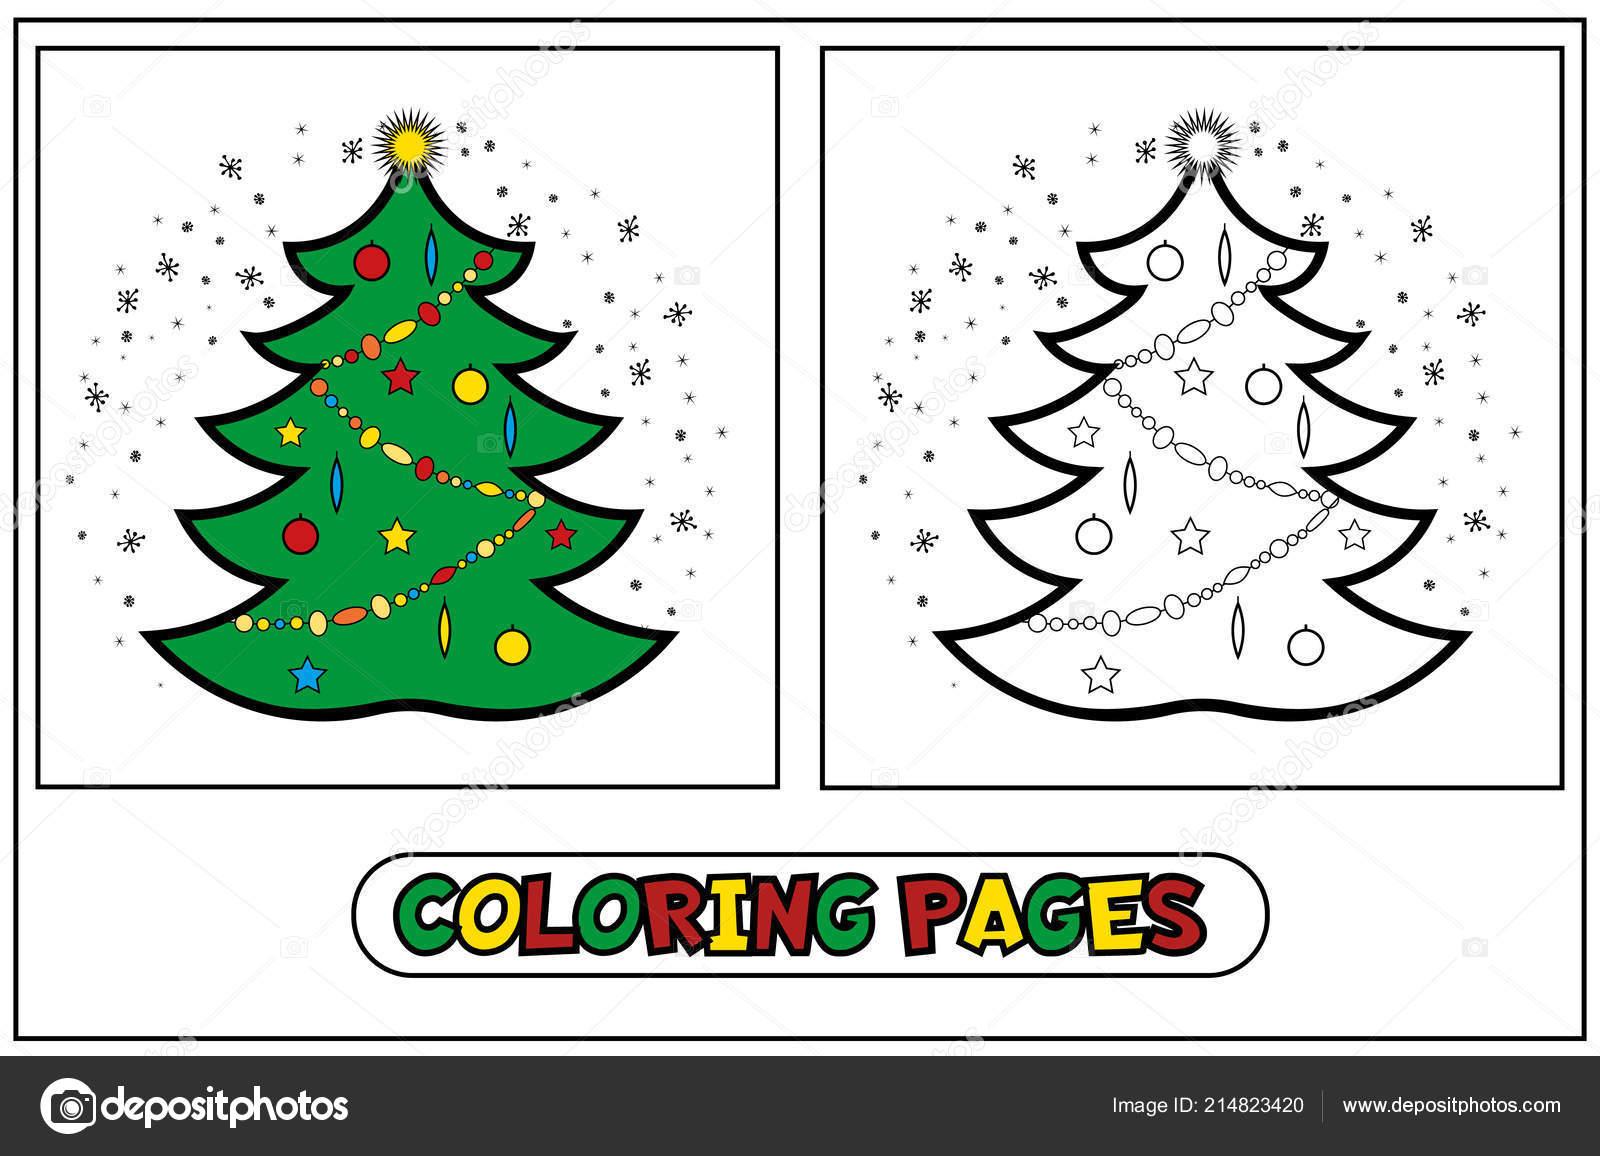 Coloring Christmas Tree — Stock Vector © Danilina.olga.gmail concernant Rebus Noel